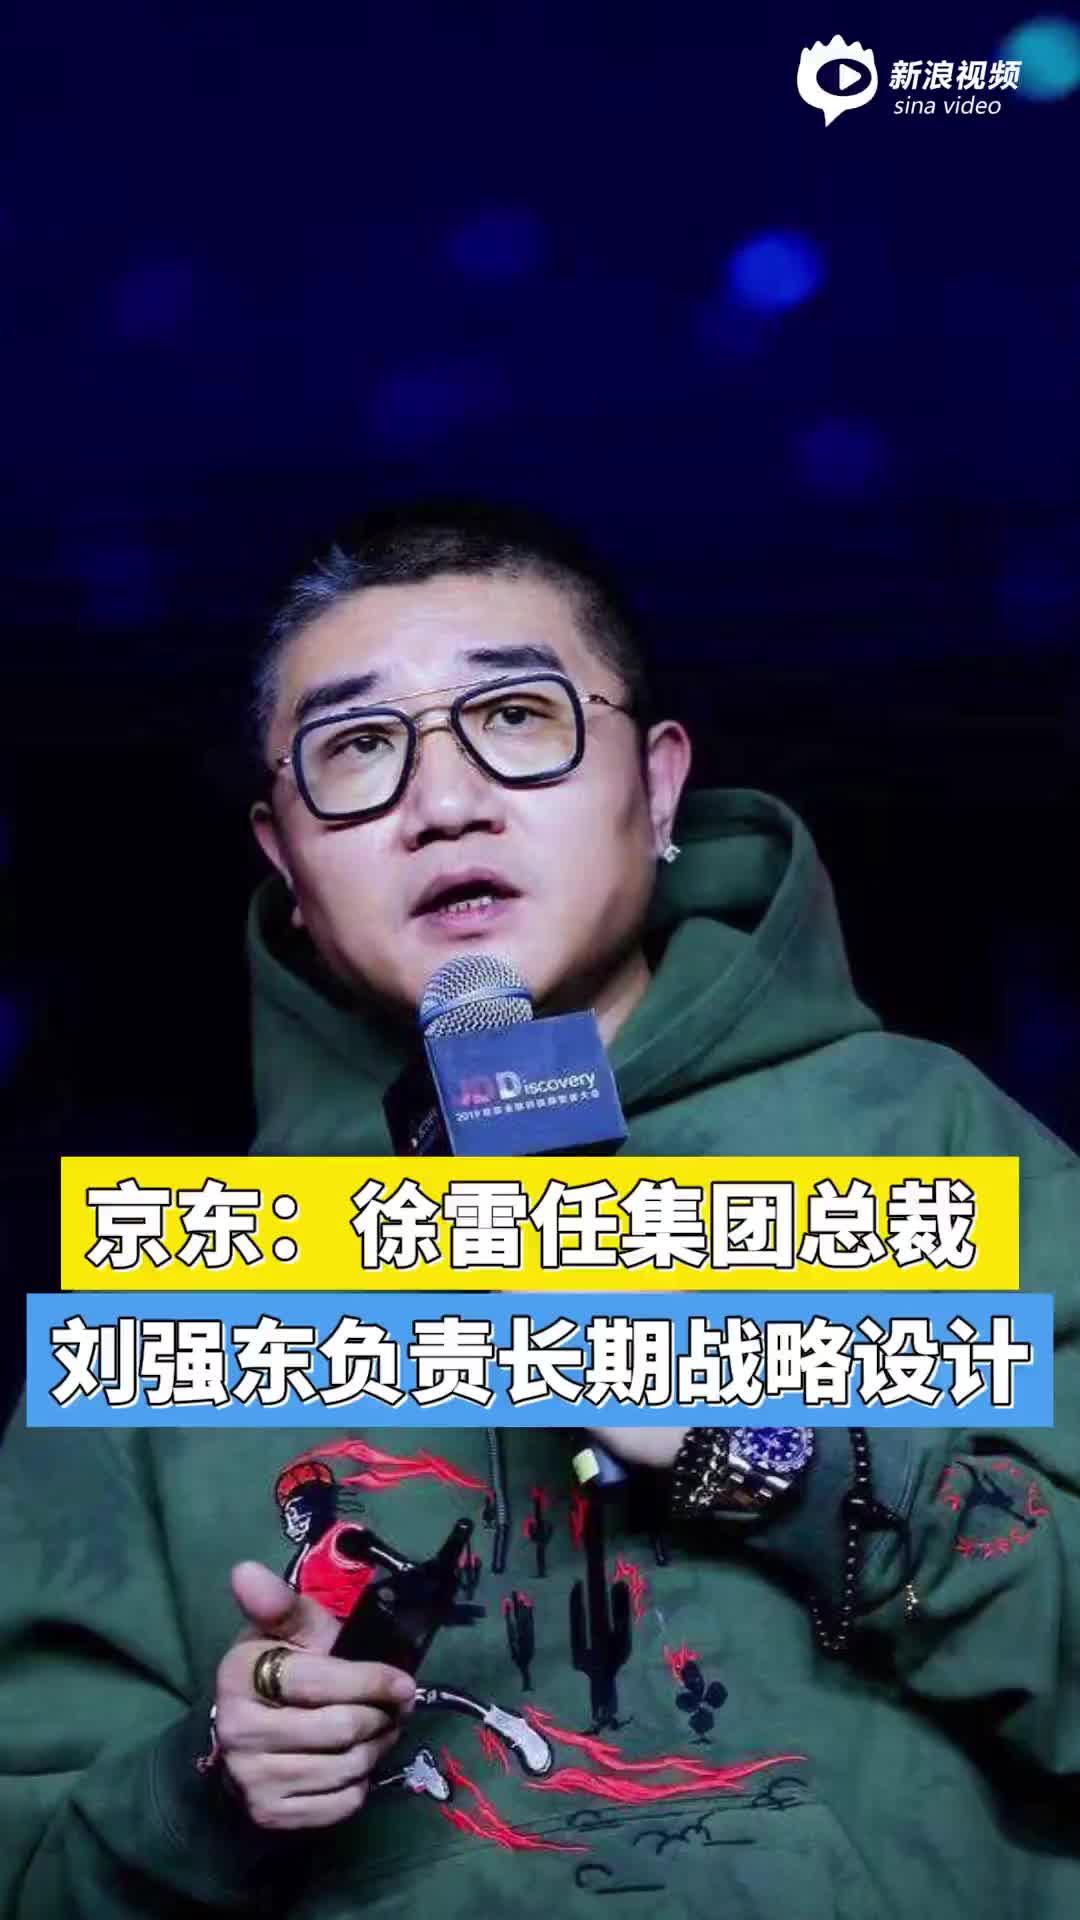 京东:徐雷升任集团总裁,刘强东负责长期战略设计